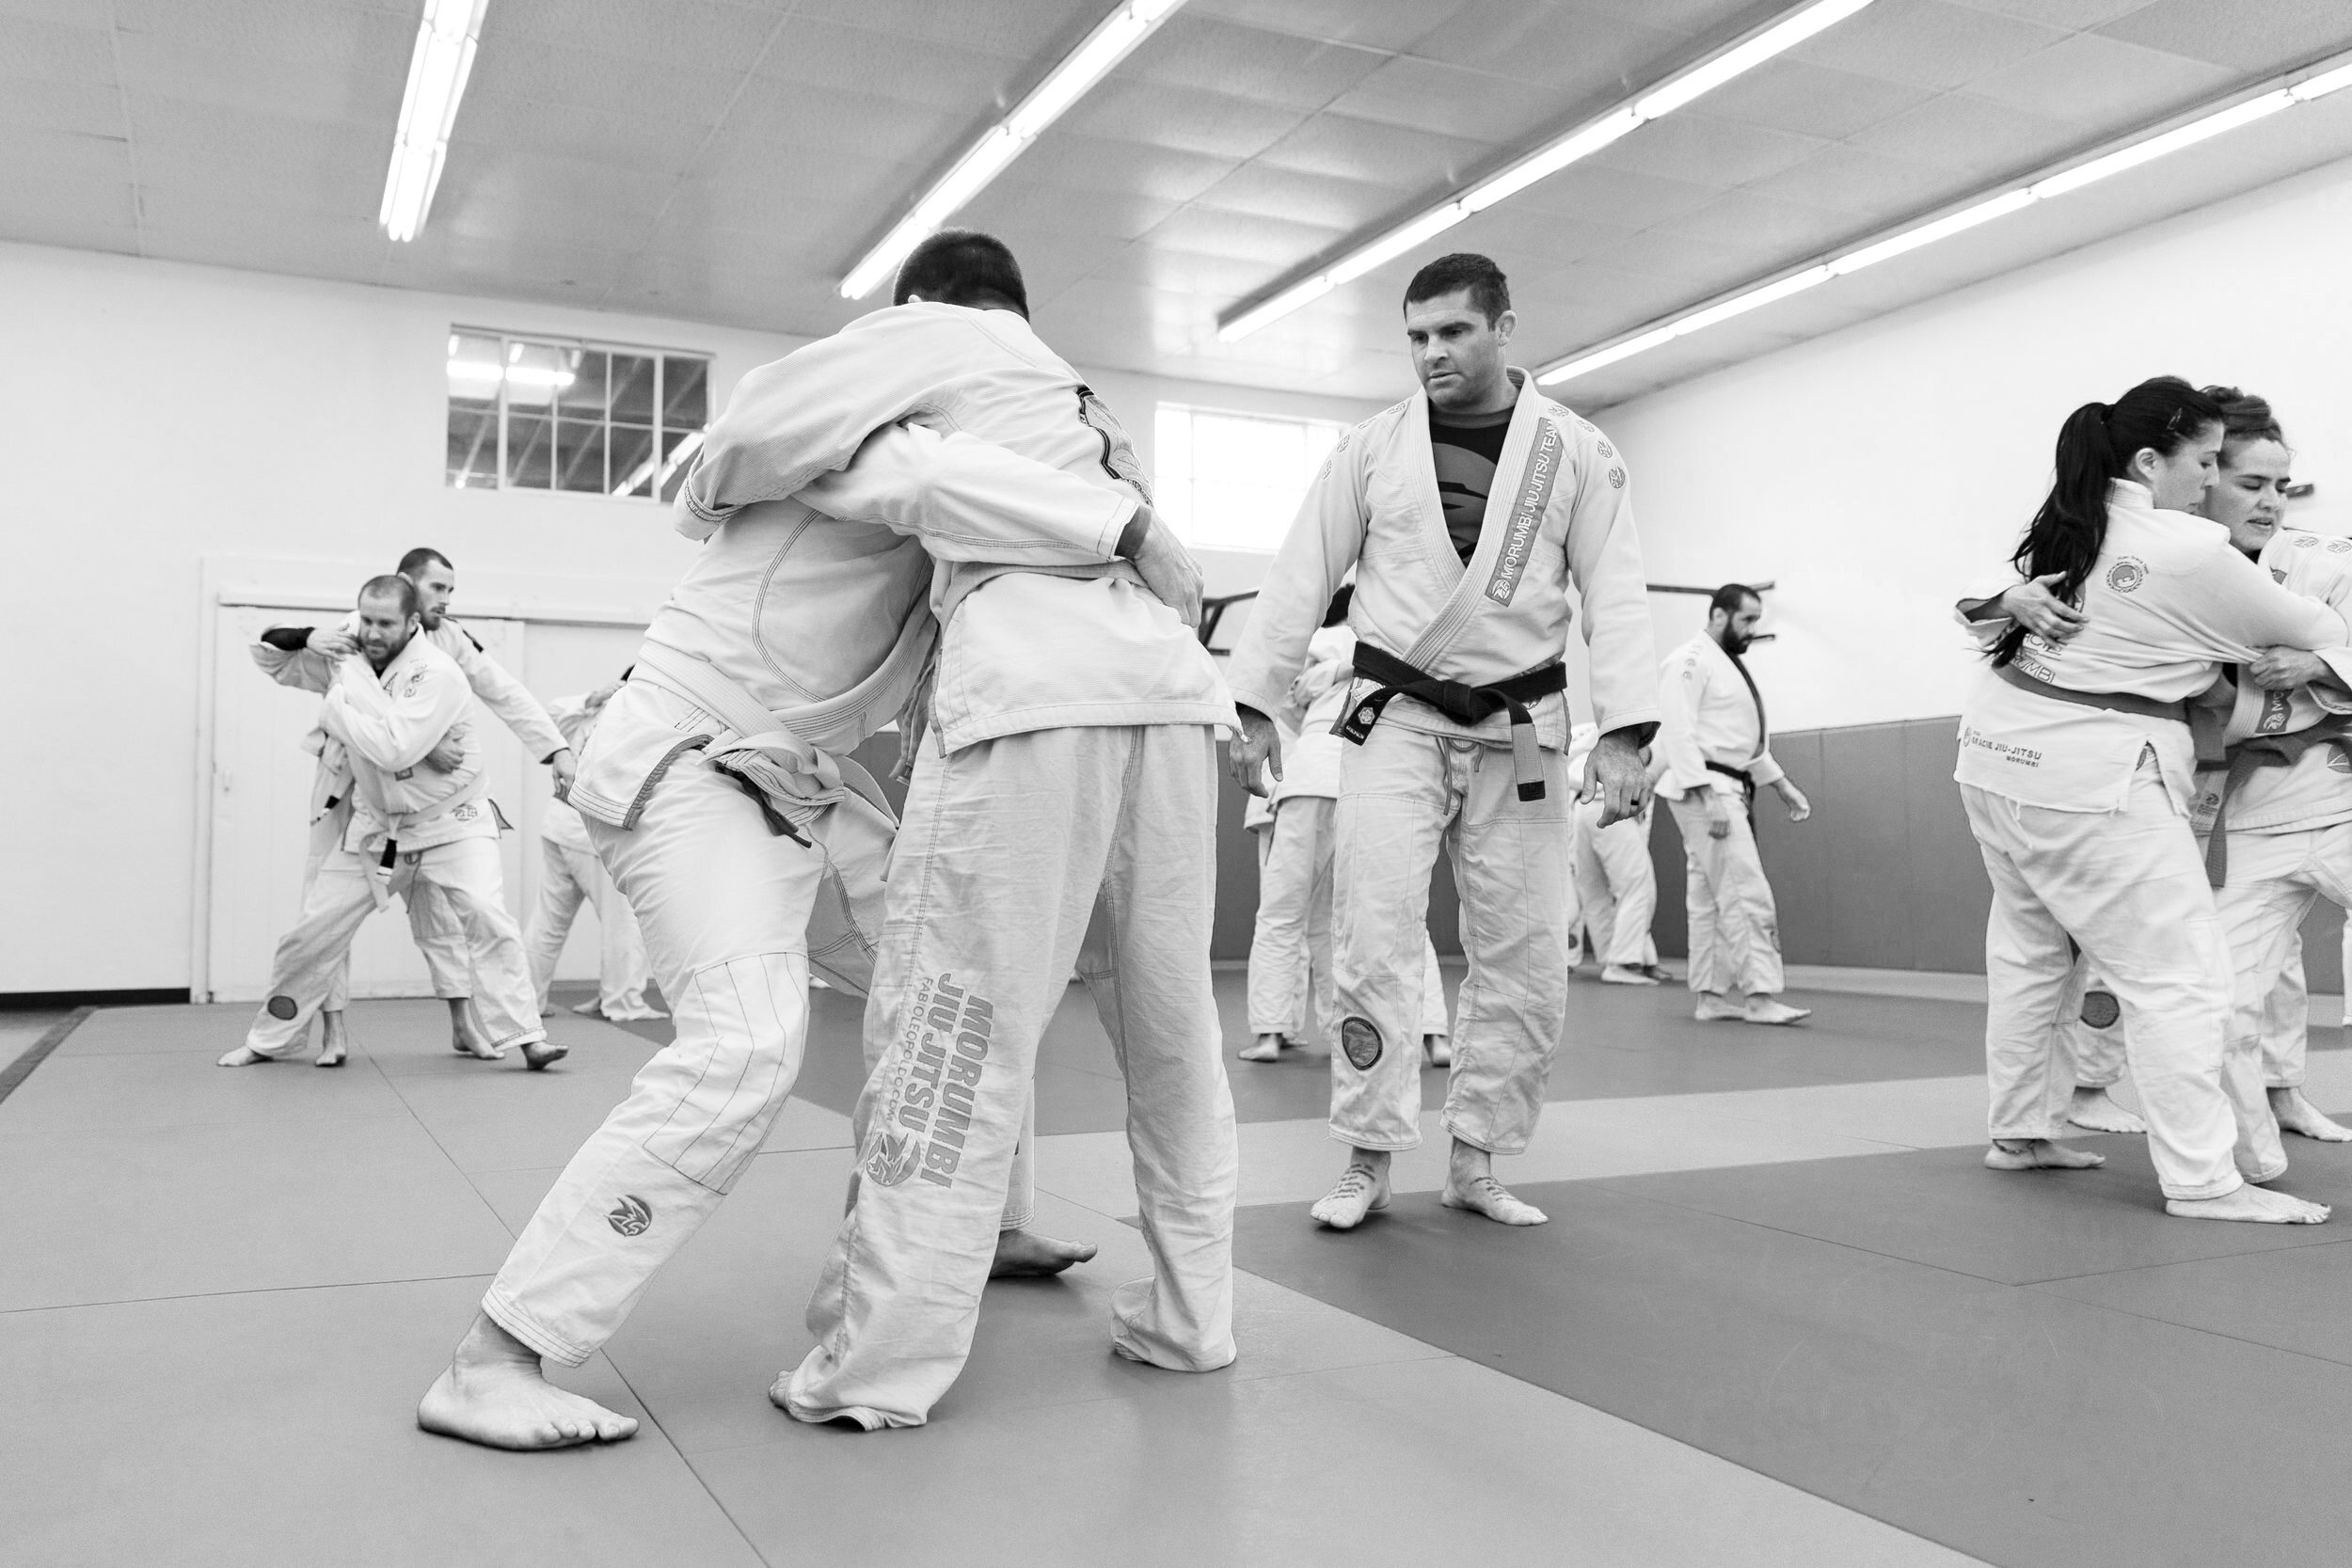 Kết quả hình ảnh cho jiu jitsu